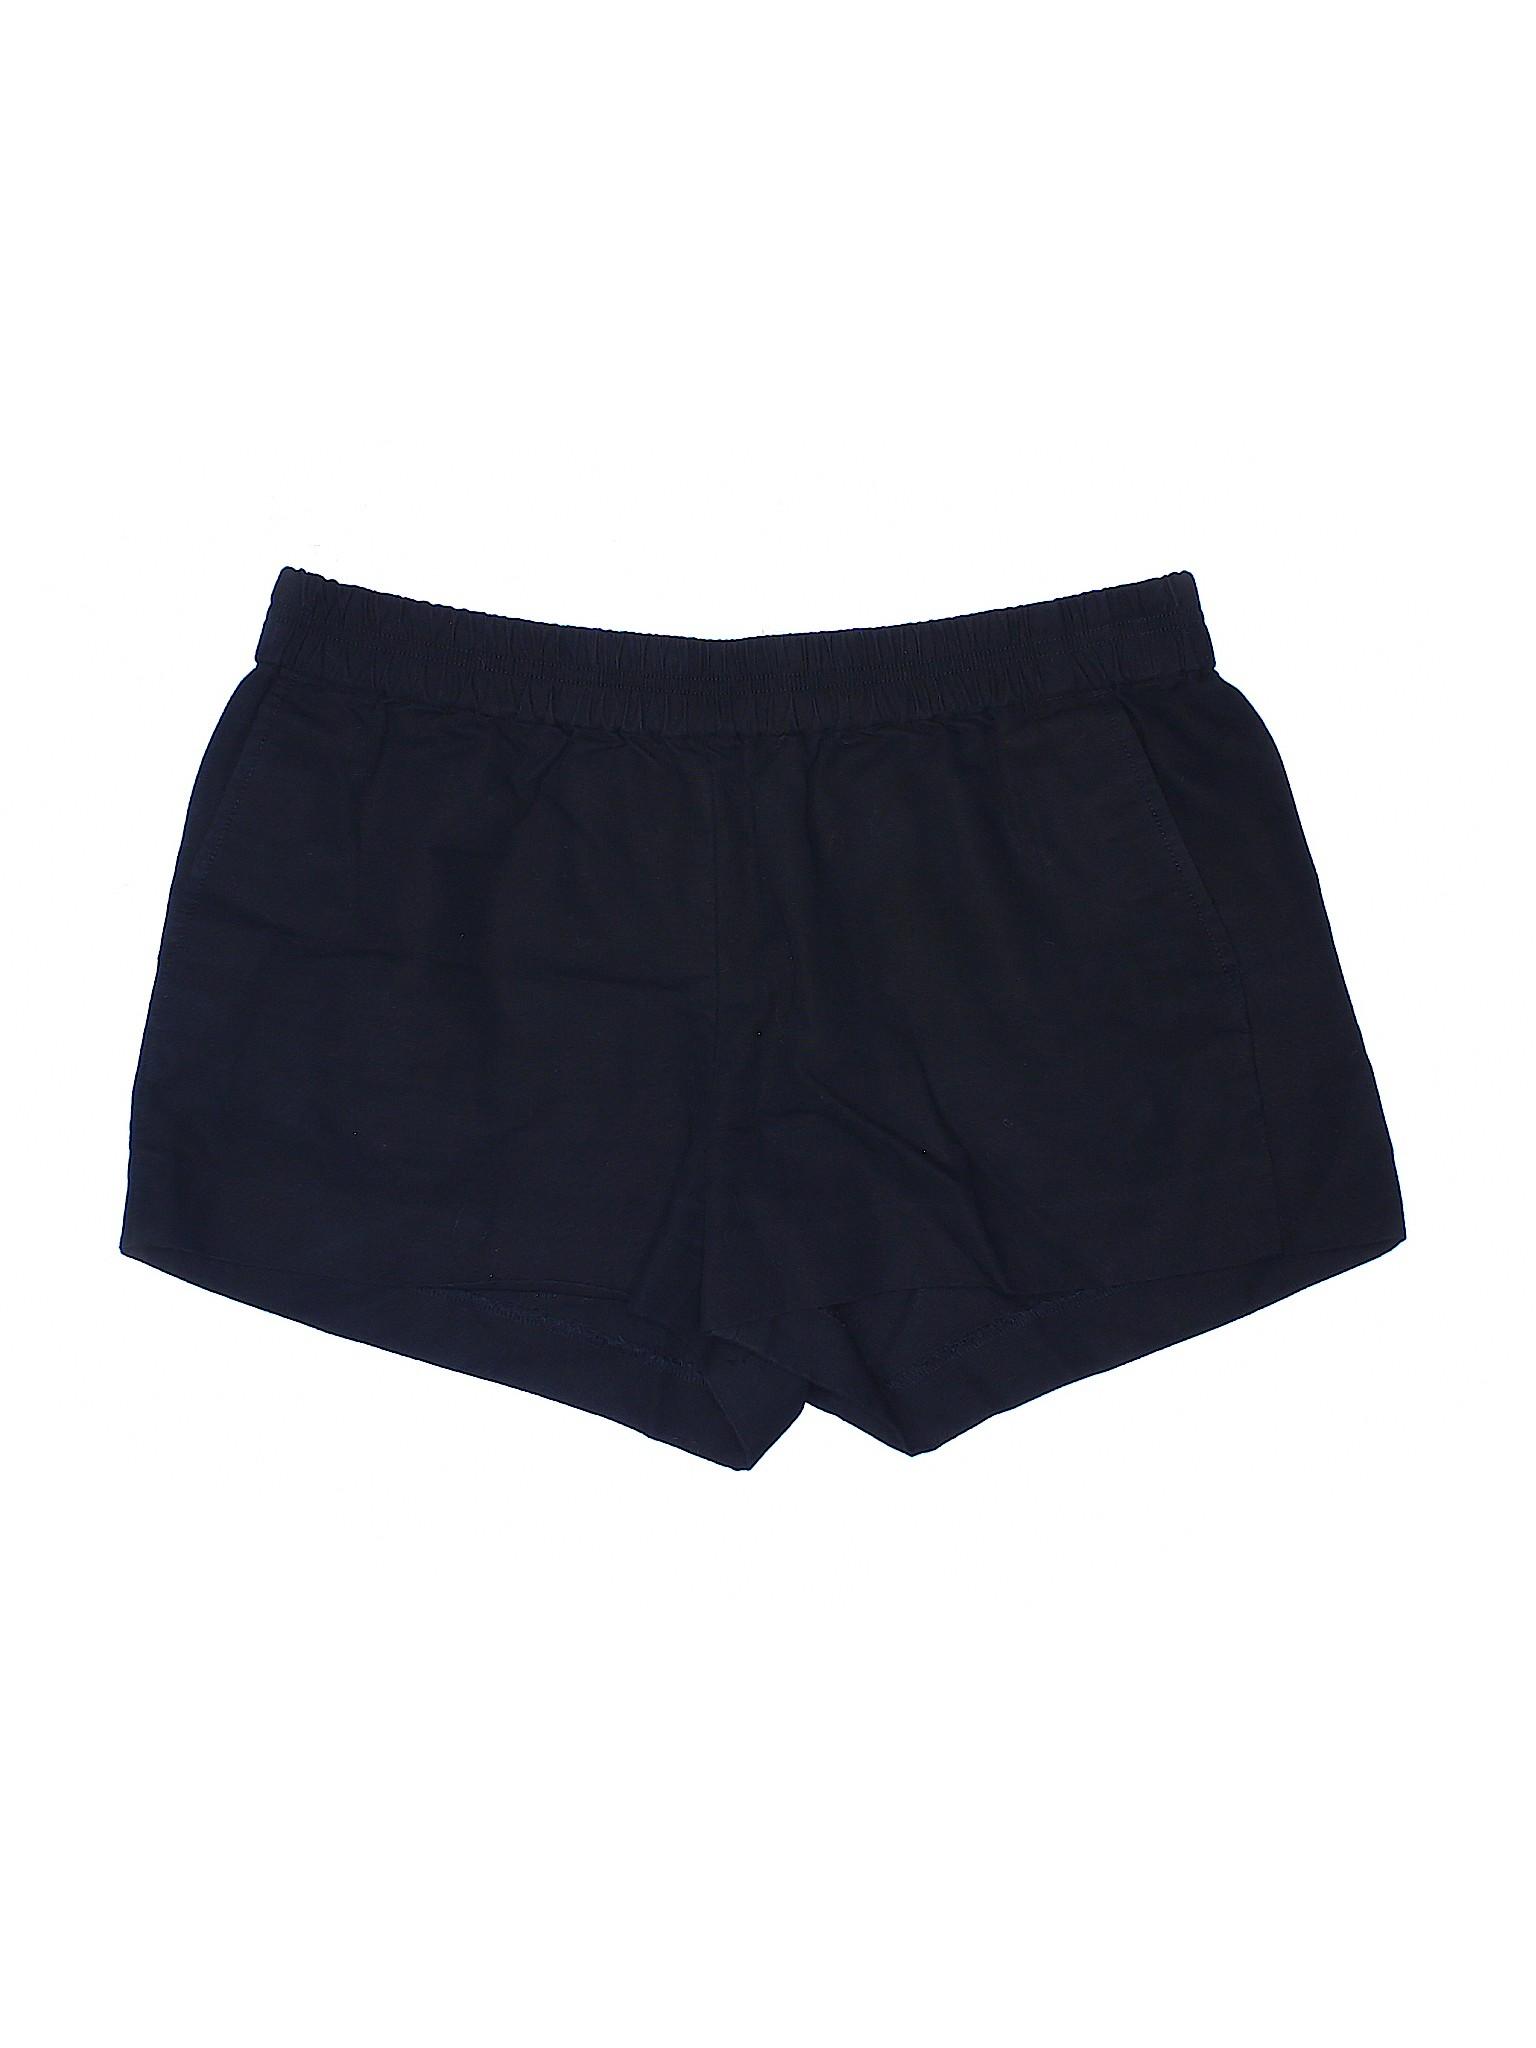 J Shorts Crew Boutique Crew Shorts J Boutique Crew J Shorts Boutique Xd5q7q0w